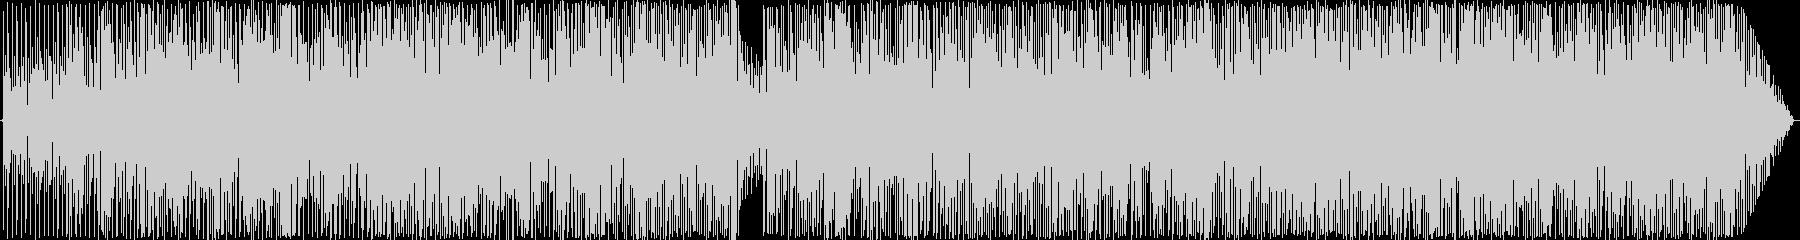 オーソドックスなフュージョンの未再生の波形